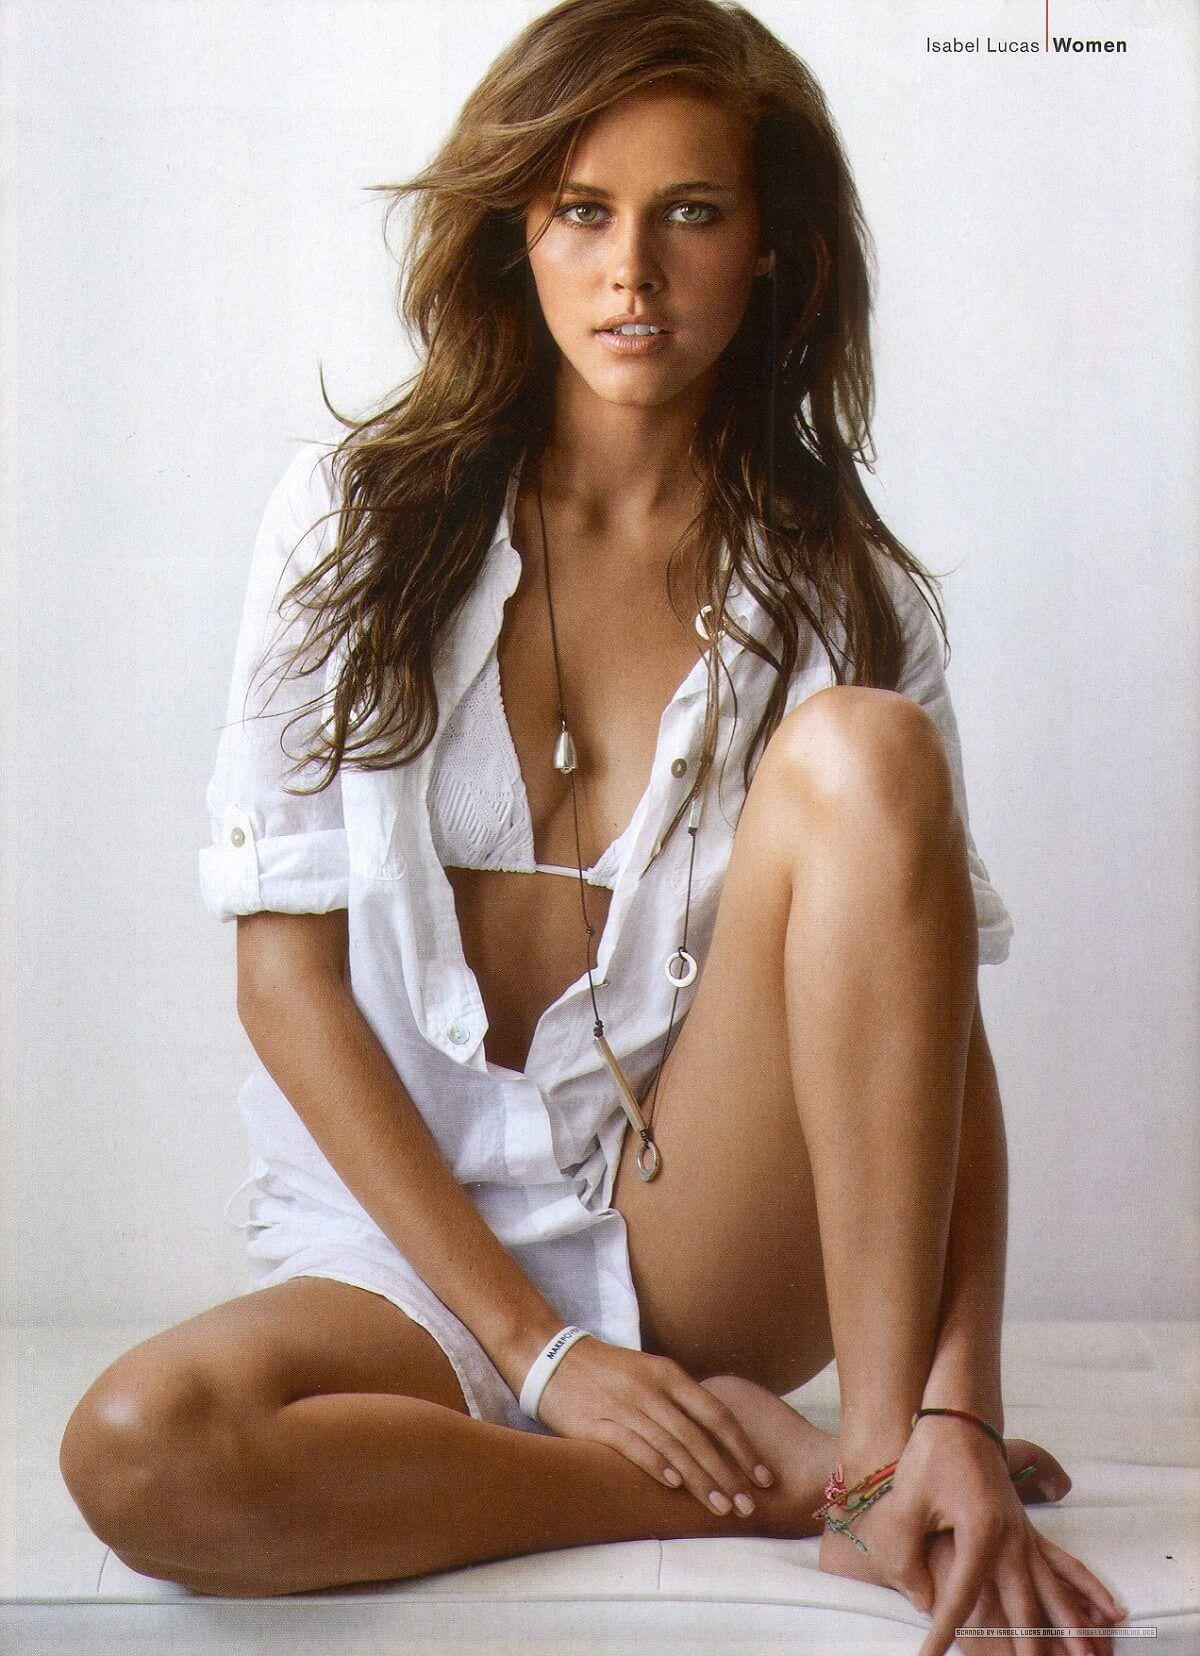 Изабель Лукас фото в белье